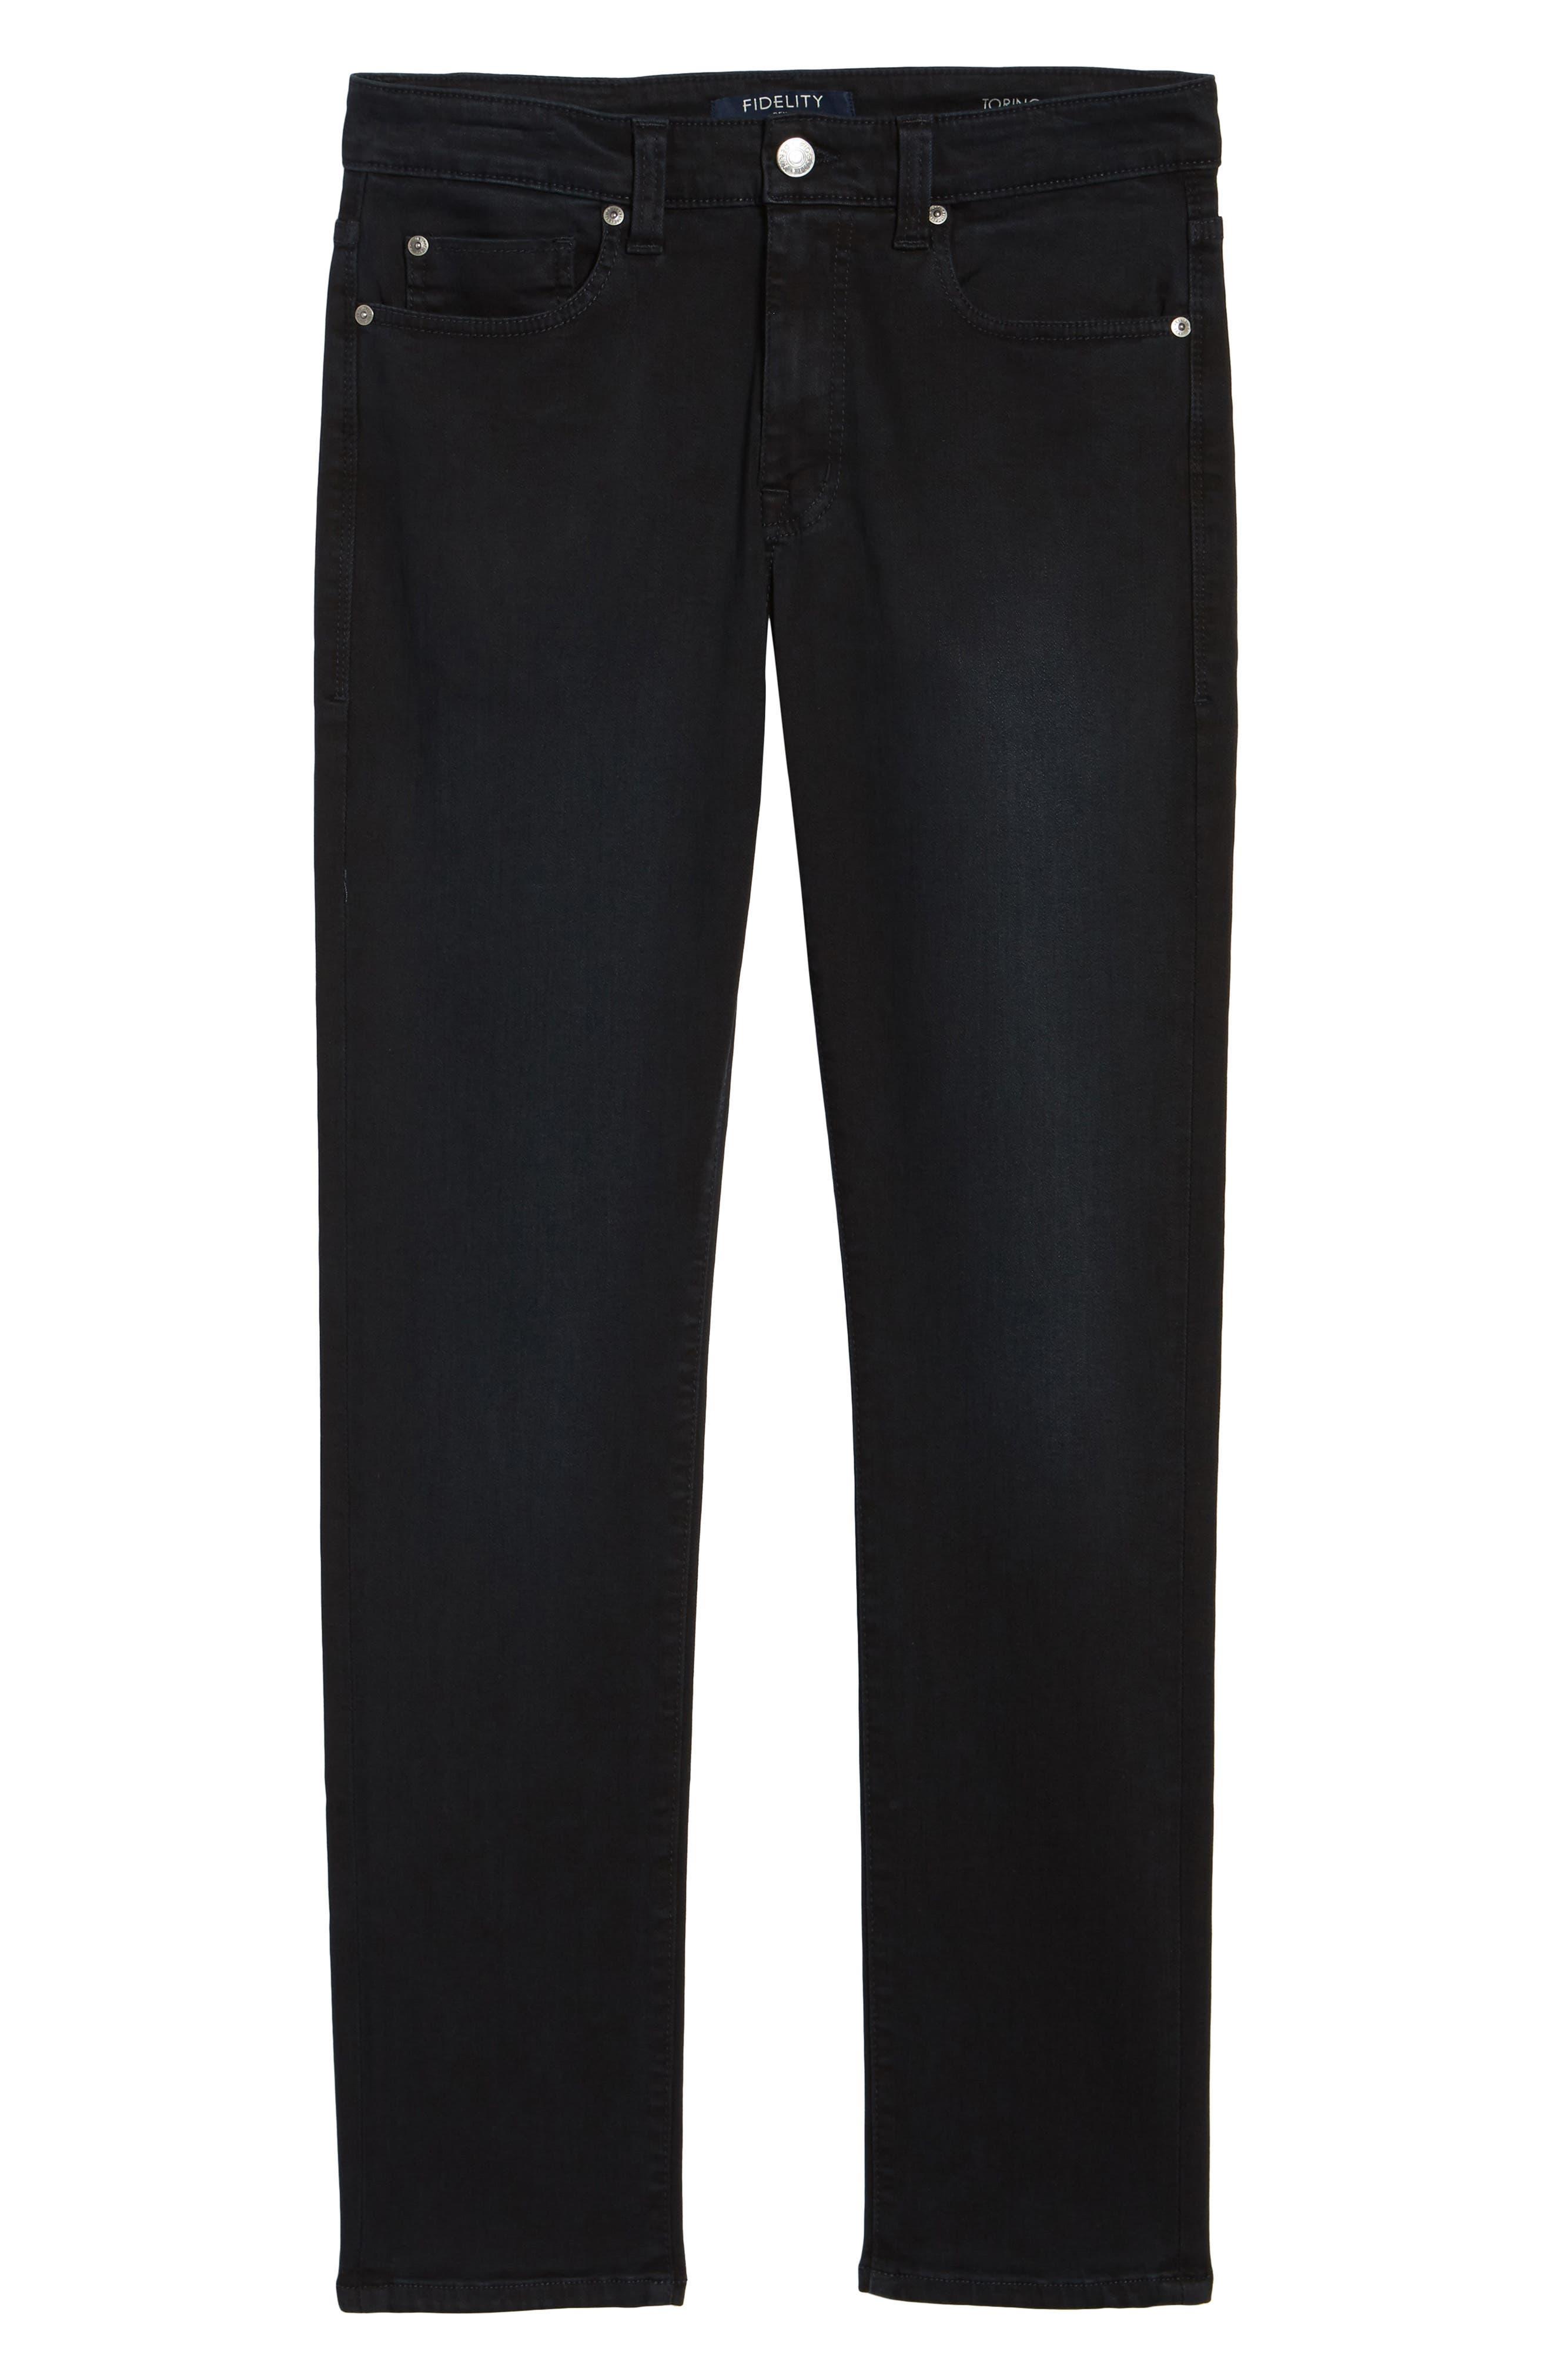 Torino Slim Fit Jeans,                             Alternate thumbnail 6, color,                             Saffire Blue